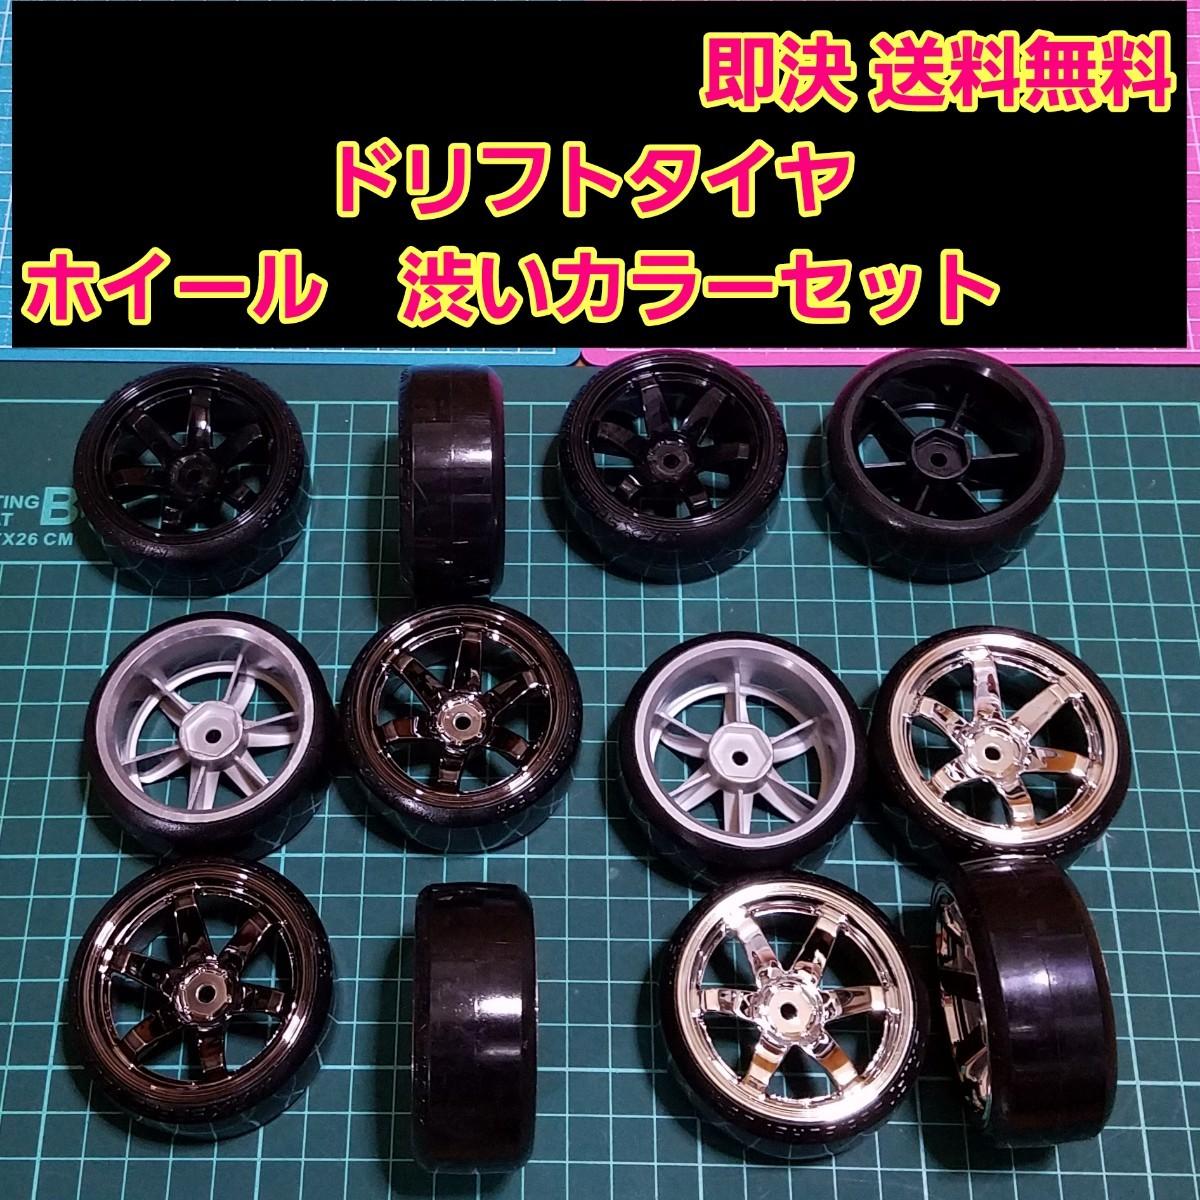 ドリフト タイヤ ホイール 3台分 ②  ラジコン YD-2 ドリパケ TT01